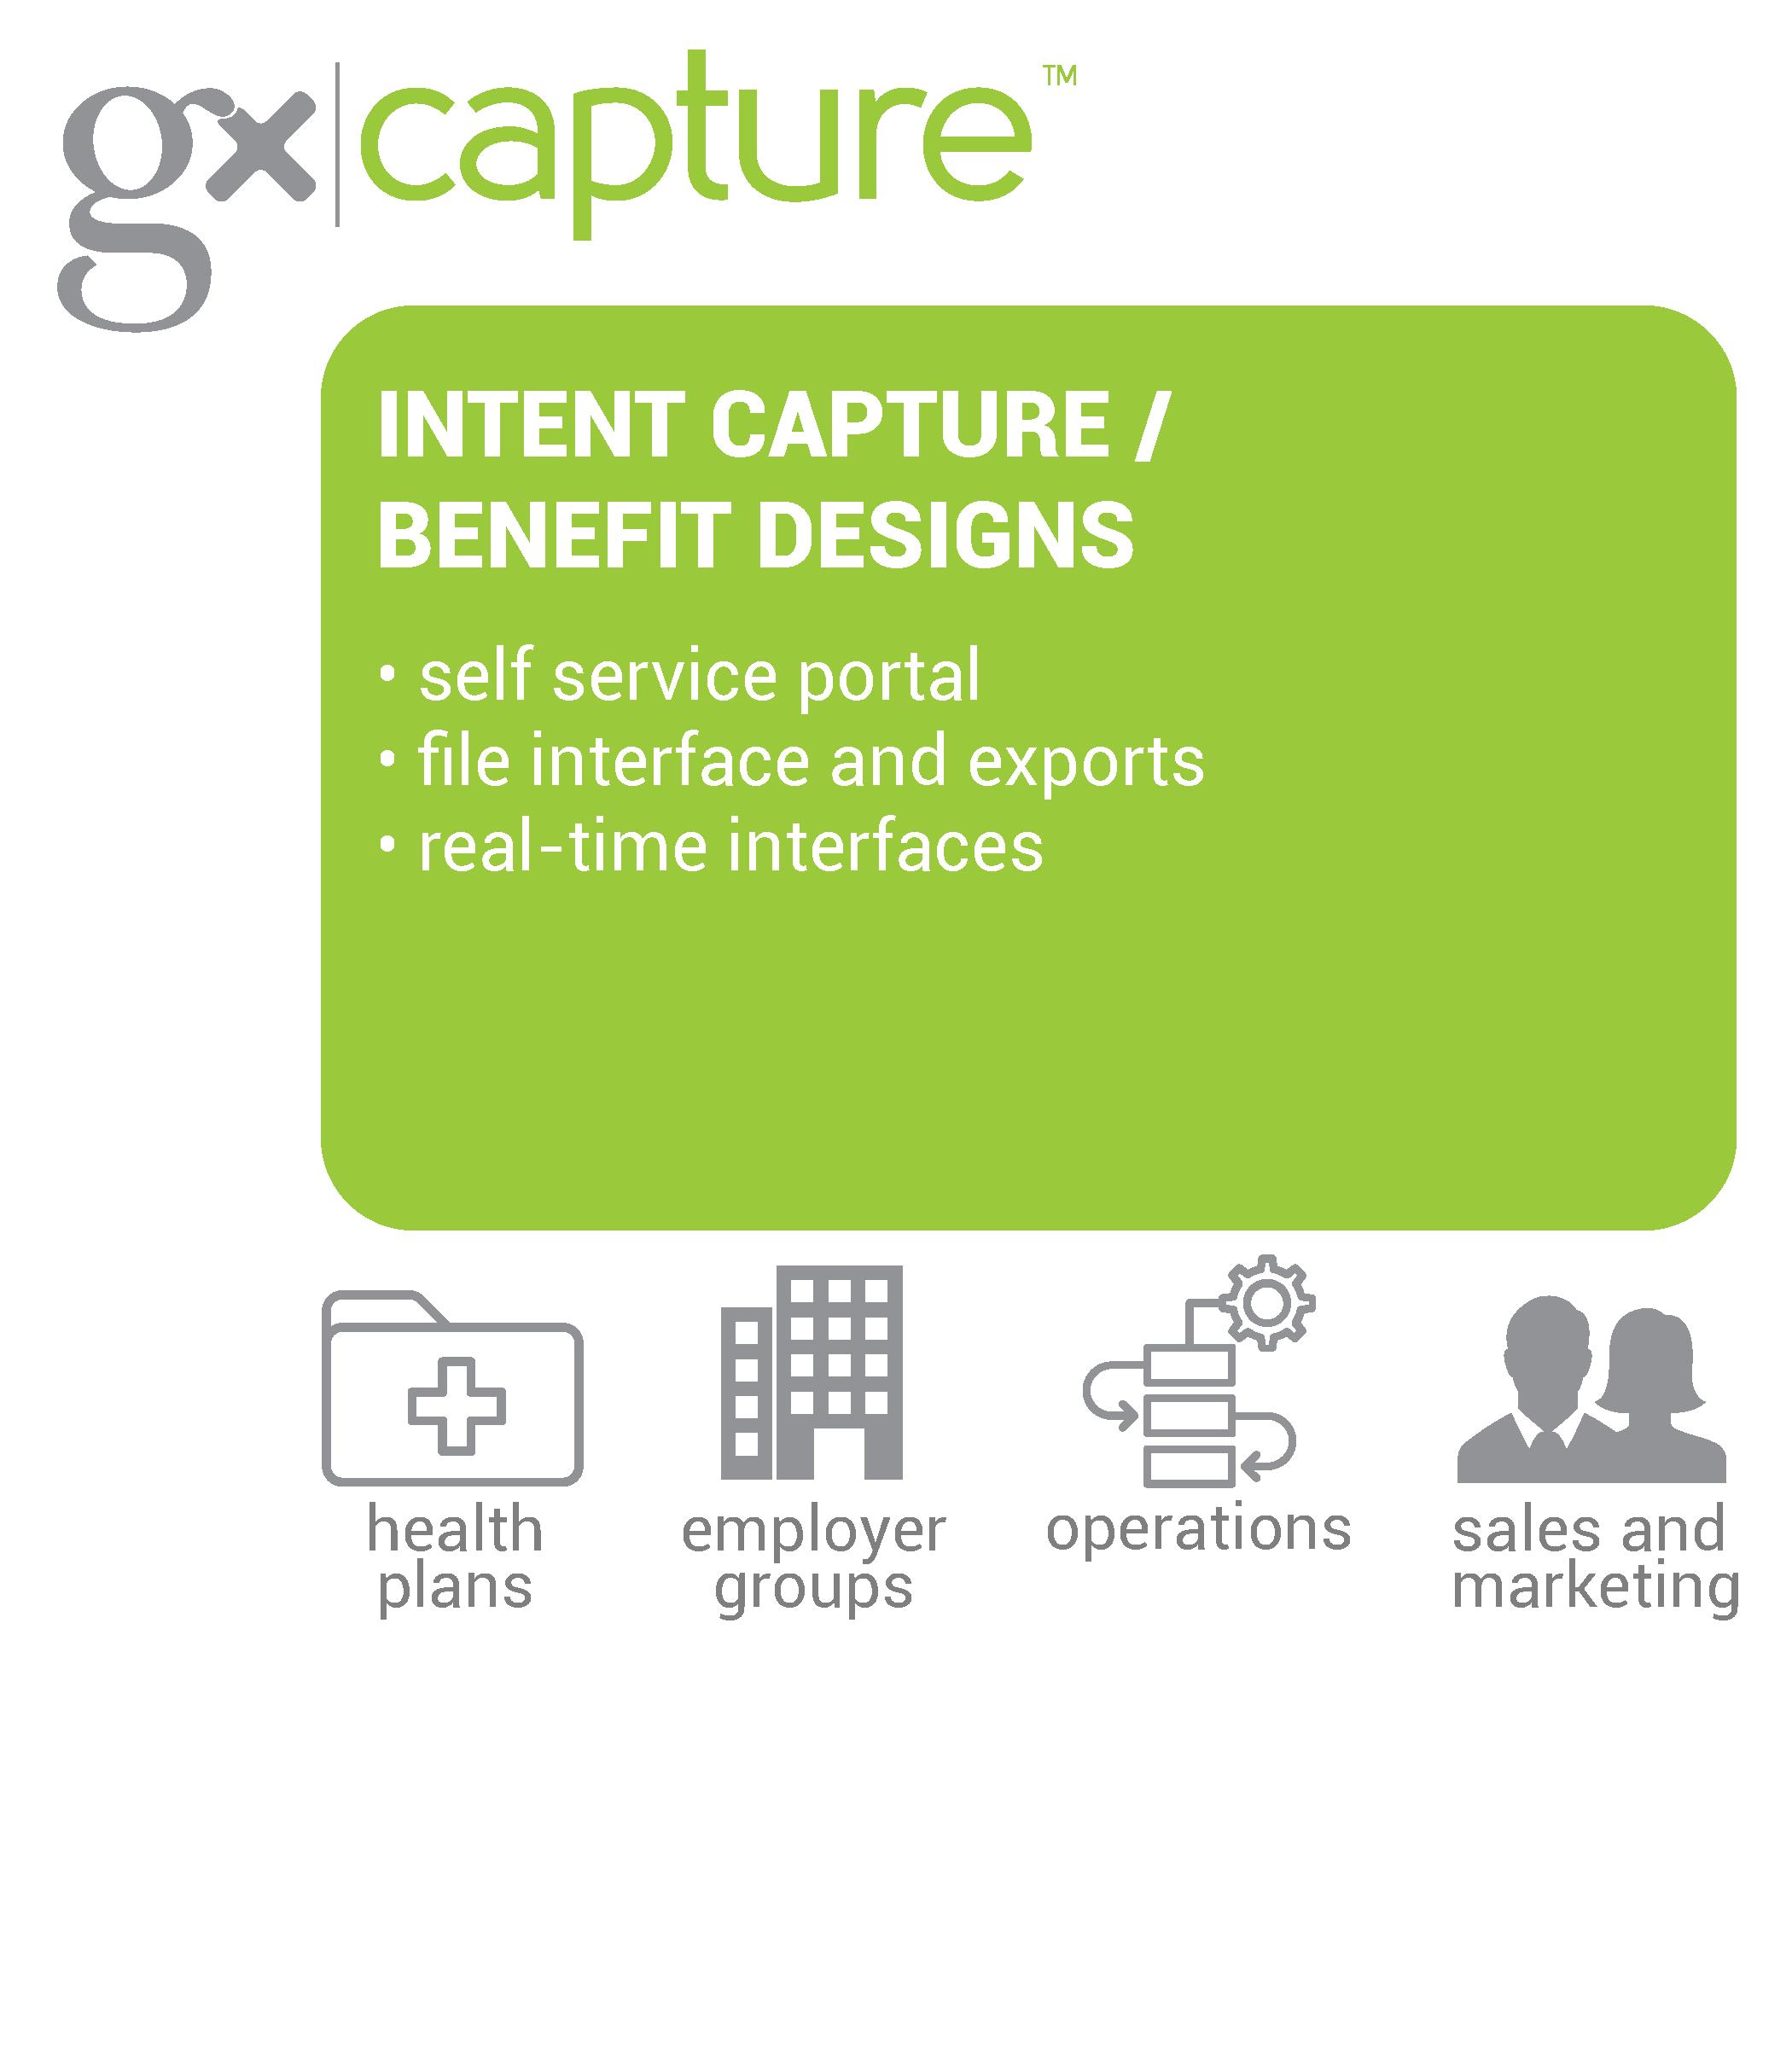 GxCapture Diagram